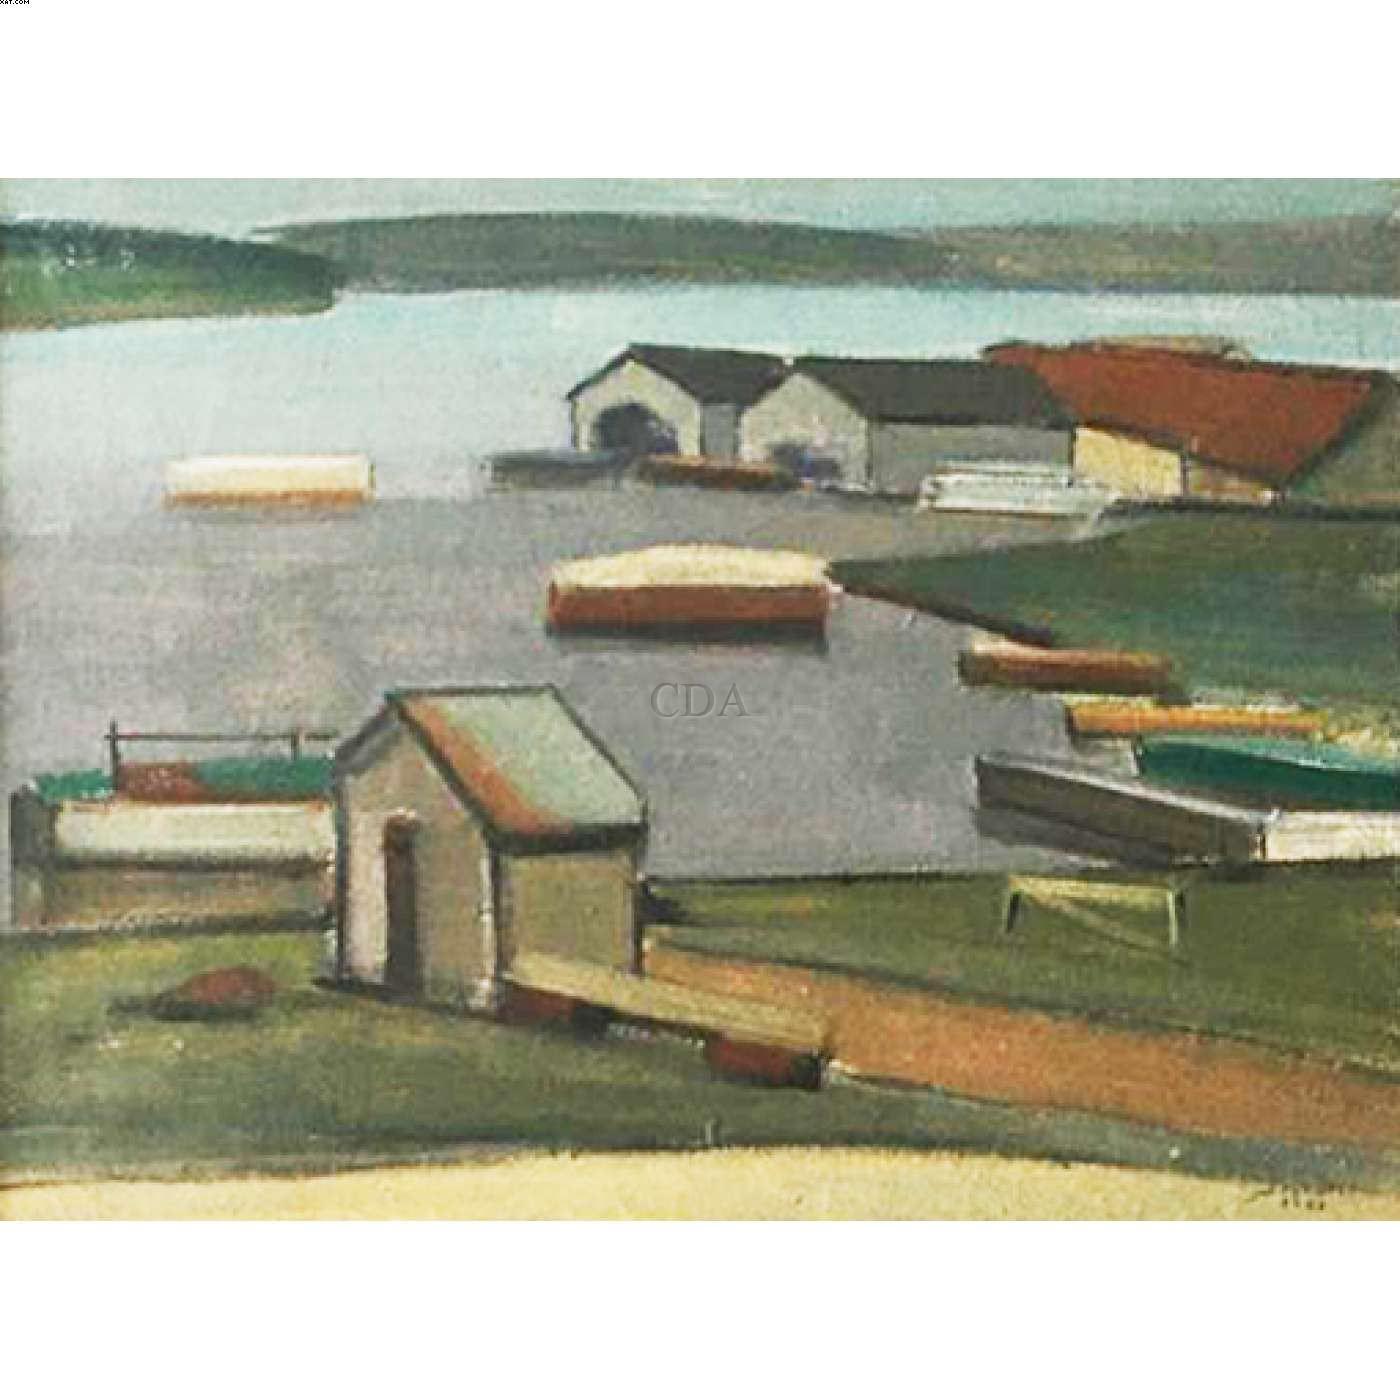 Barcos  - Arcângelo Ianelli - Arcangelo Ianelli